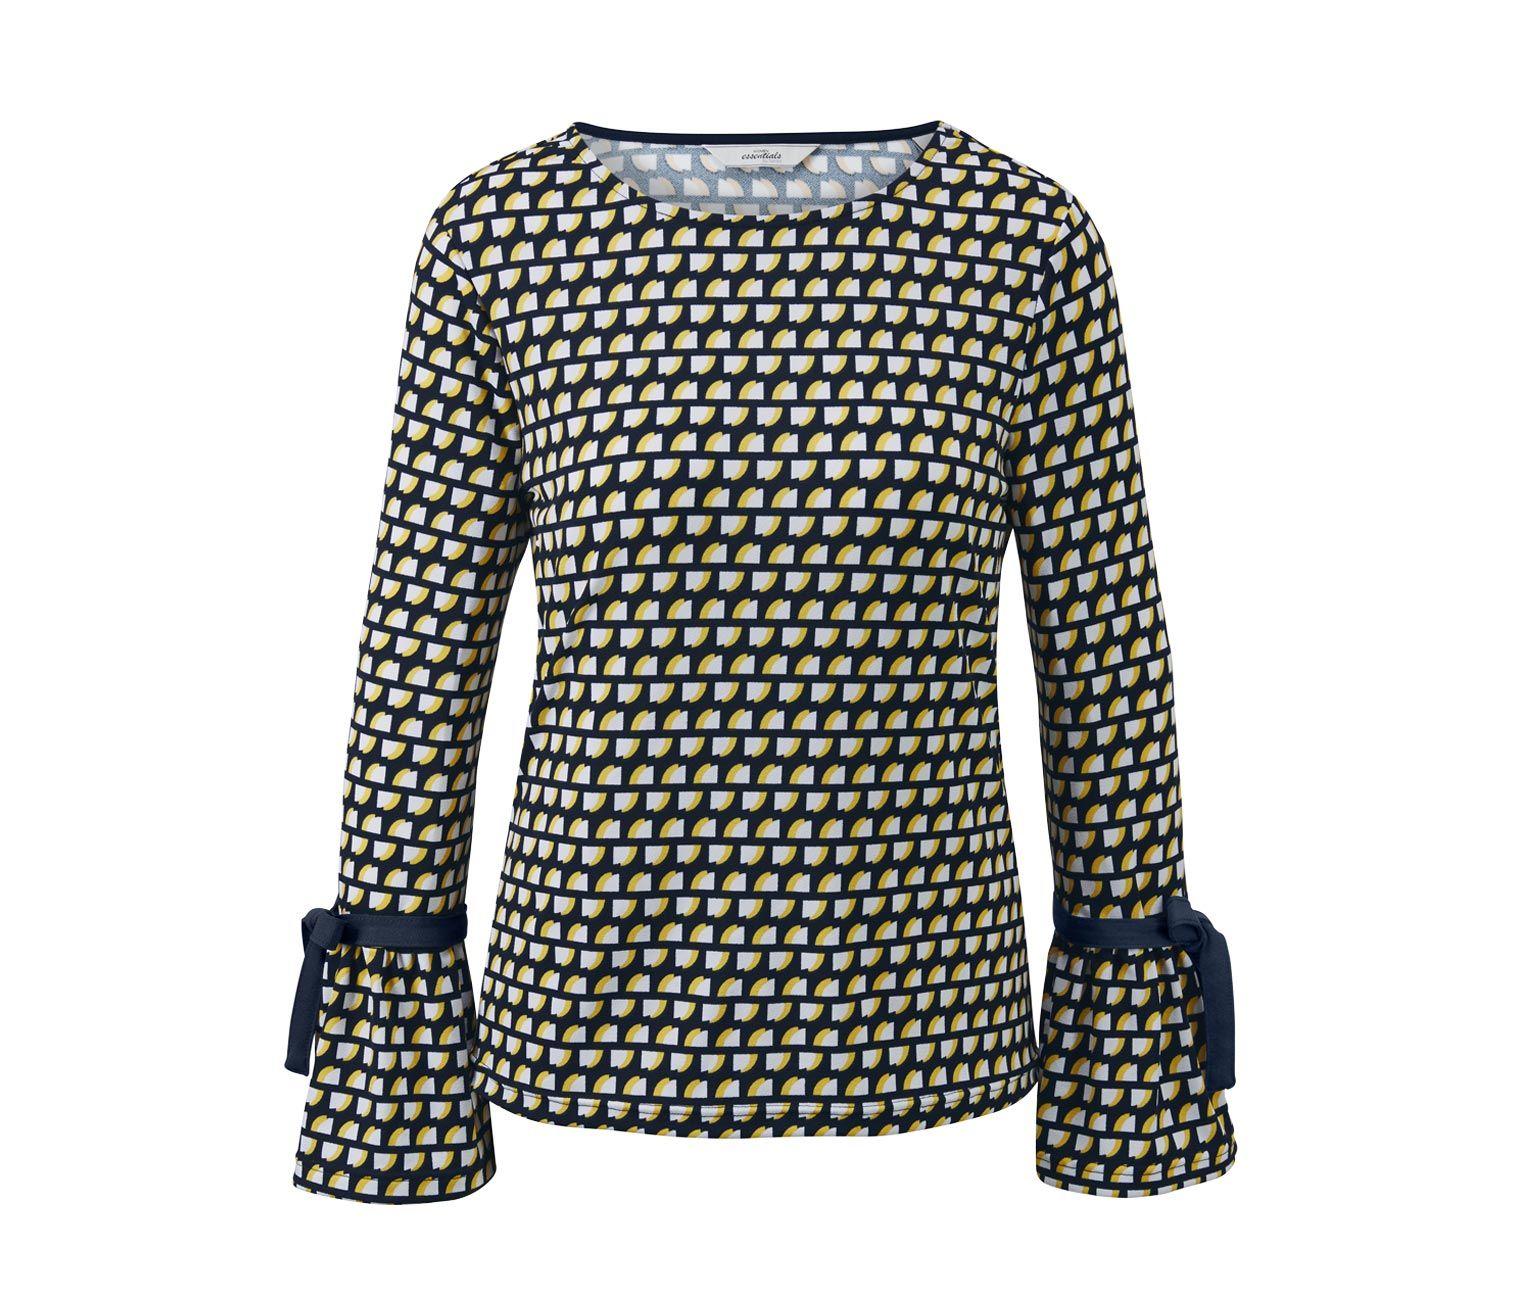 blusenshirt online bestellen bei tchibo 368190 | blusenshirt